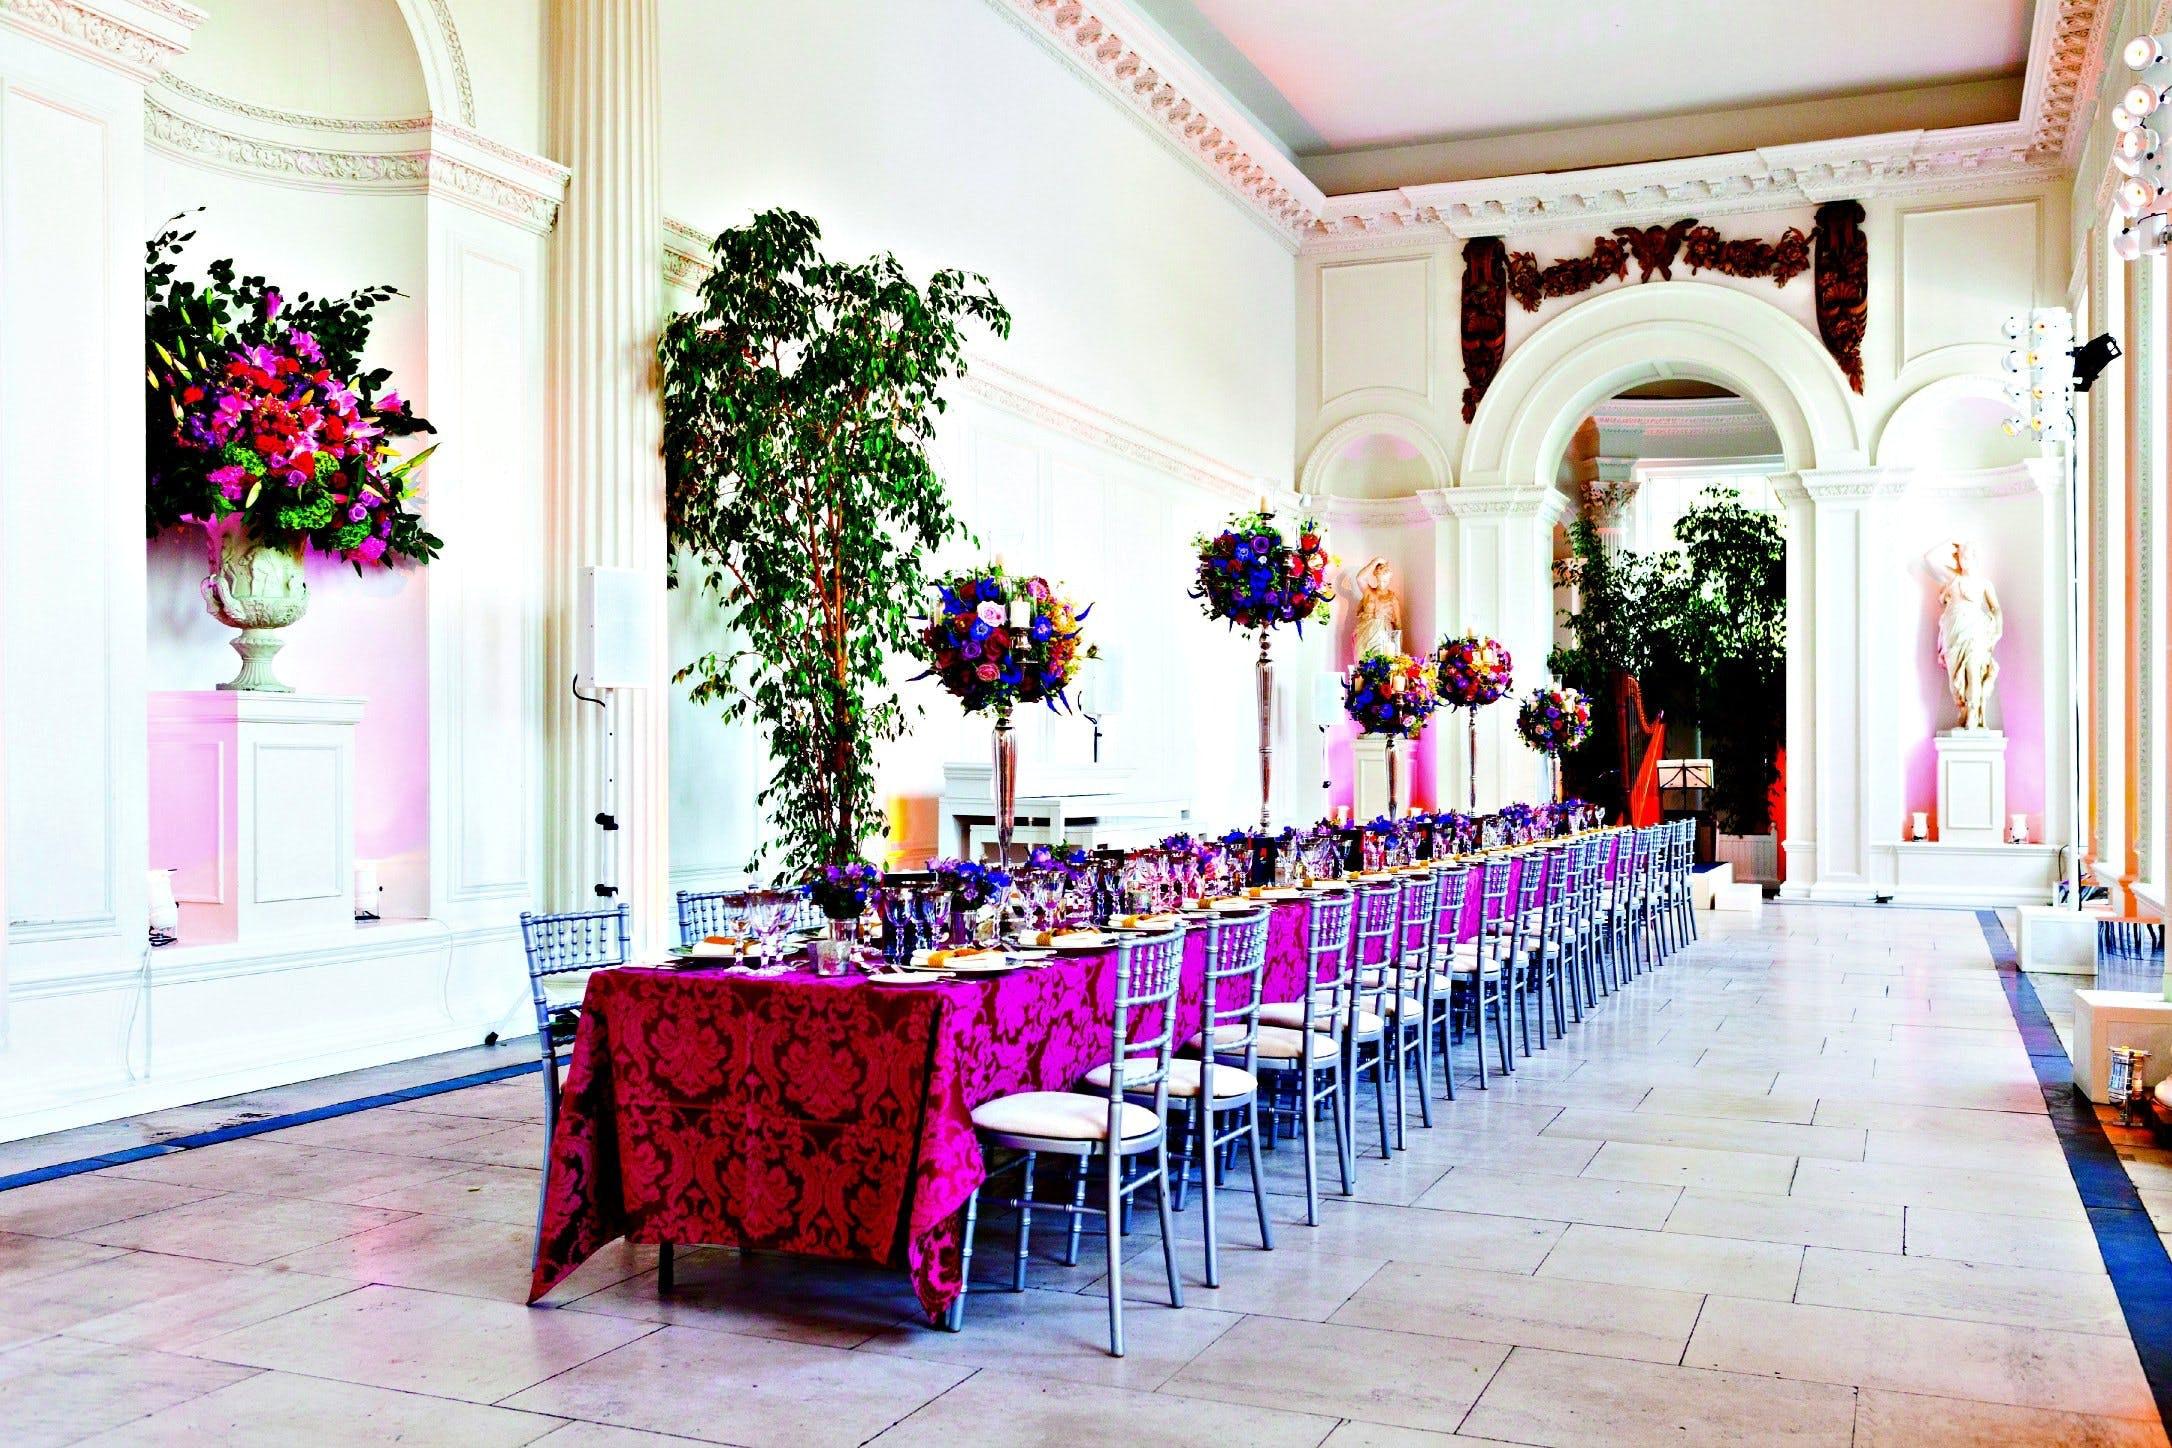 Interior of the Orangery